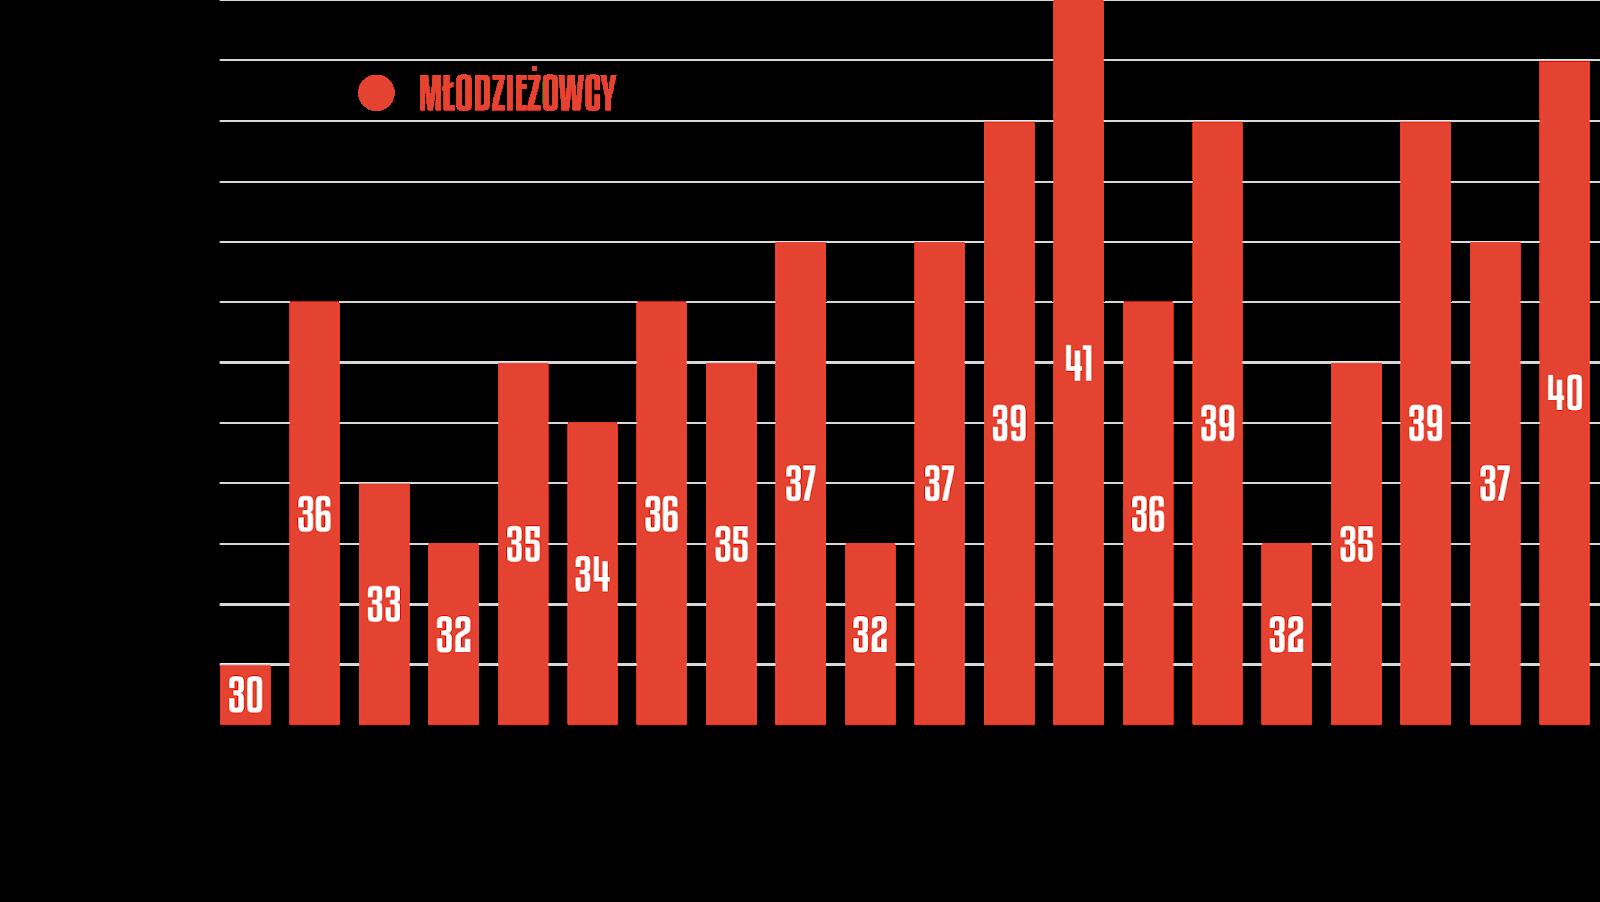 Młodzieżowcy w poszczególnych kolejkach PKO Ekstraklasy 2019/20<br><br>Źródło: Opracowanie własne na podstawie ekstrastats.pl<br><br>graf. Bartosz Urban